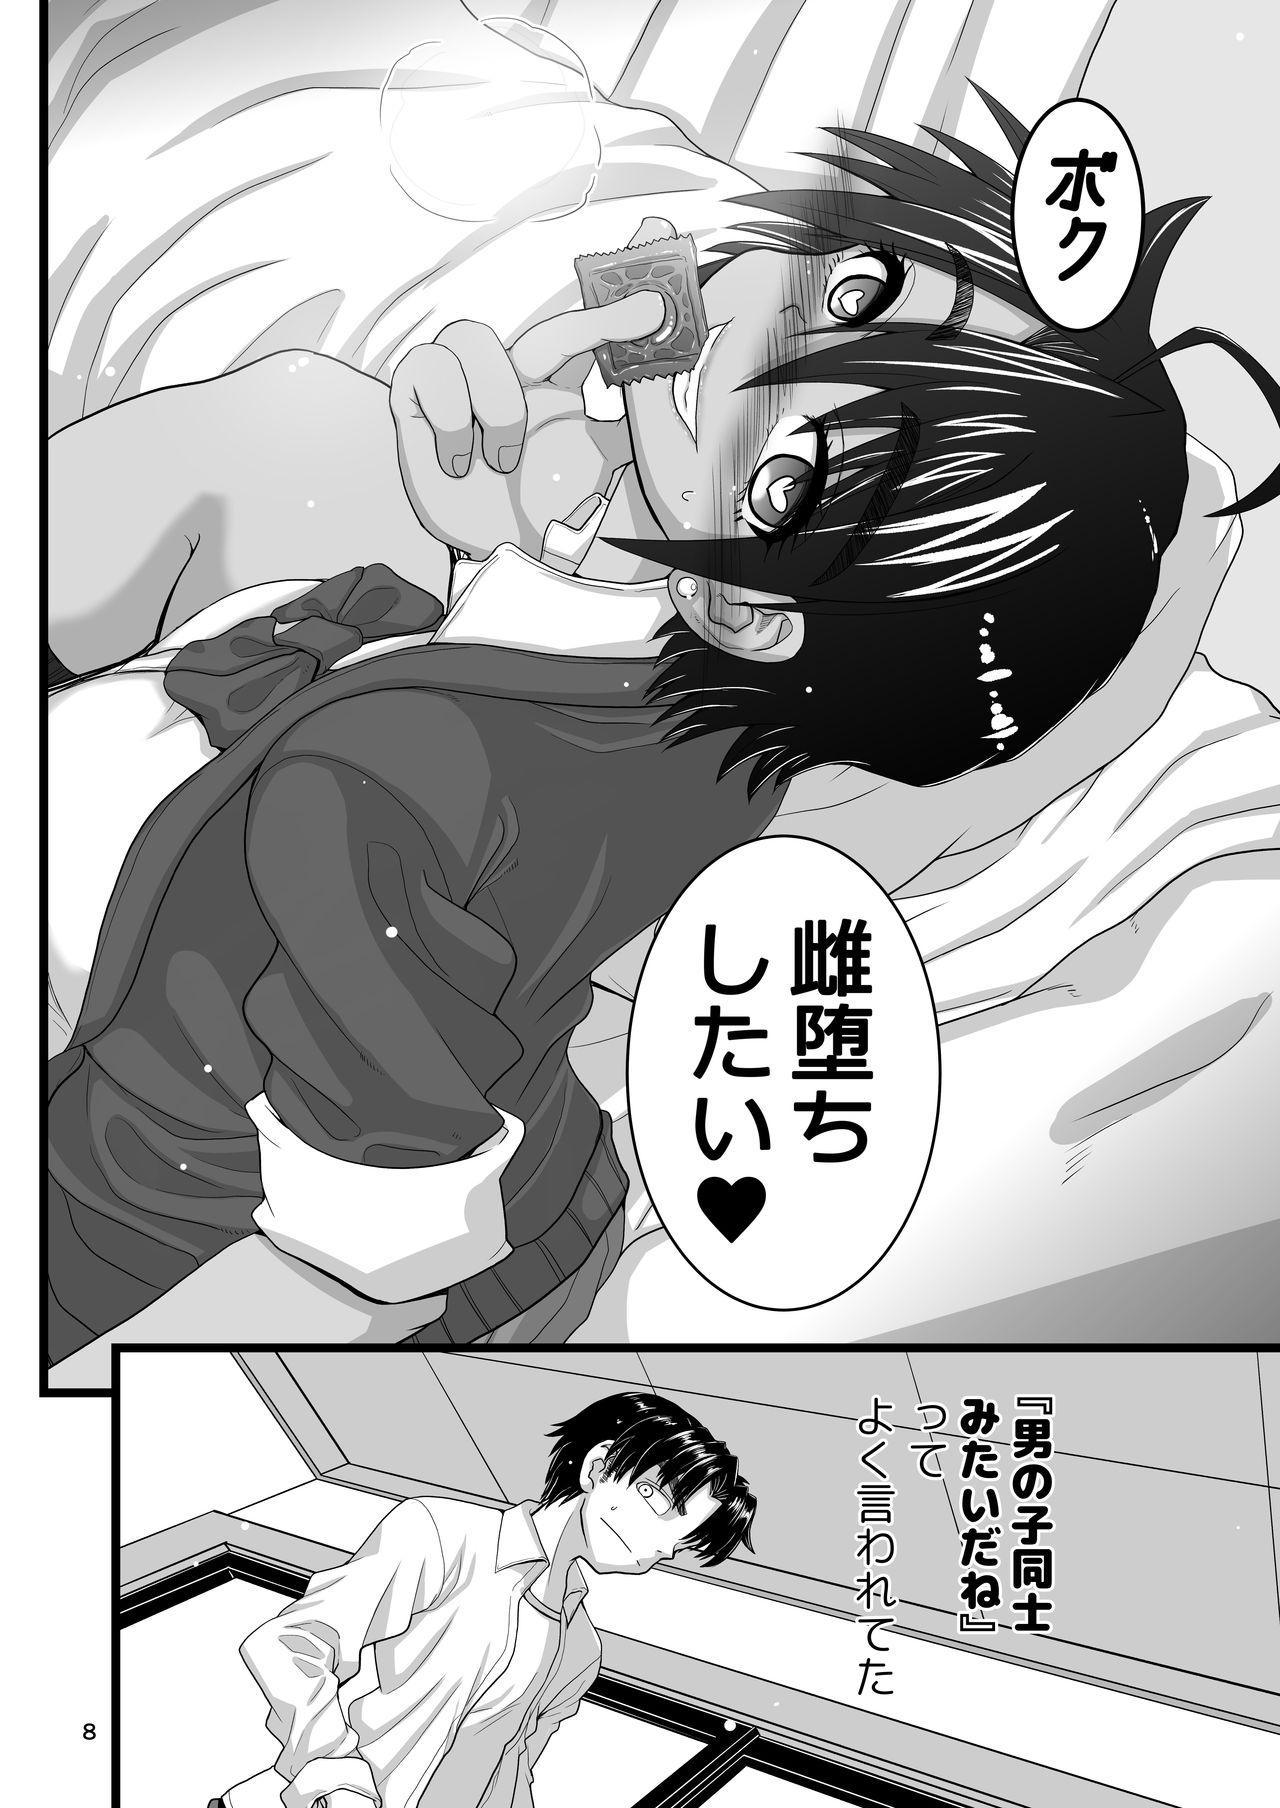 Osananajimi wa Joshikou no Ouji dakedo Ore no Mae de wa Mesu ni Naru 7